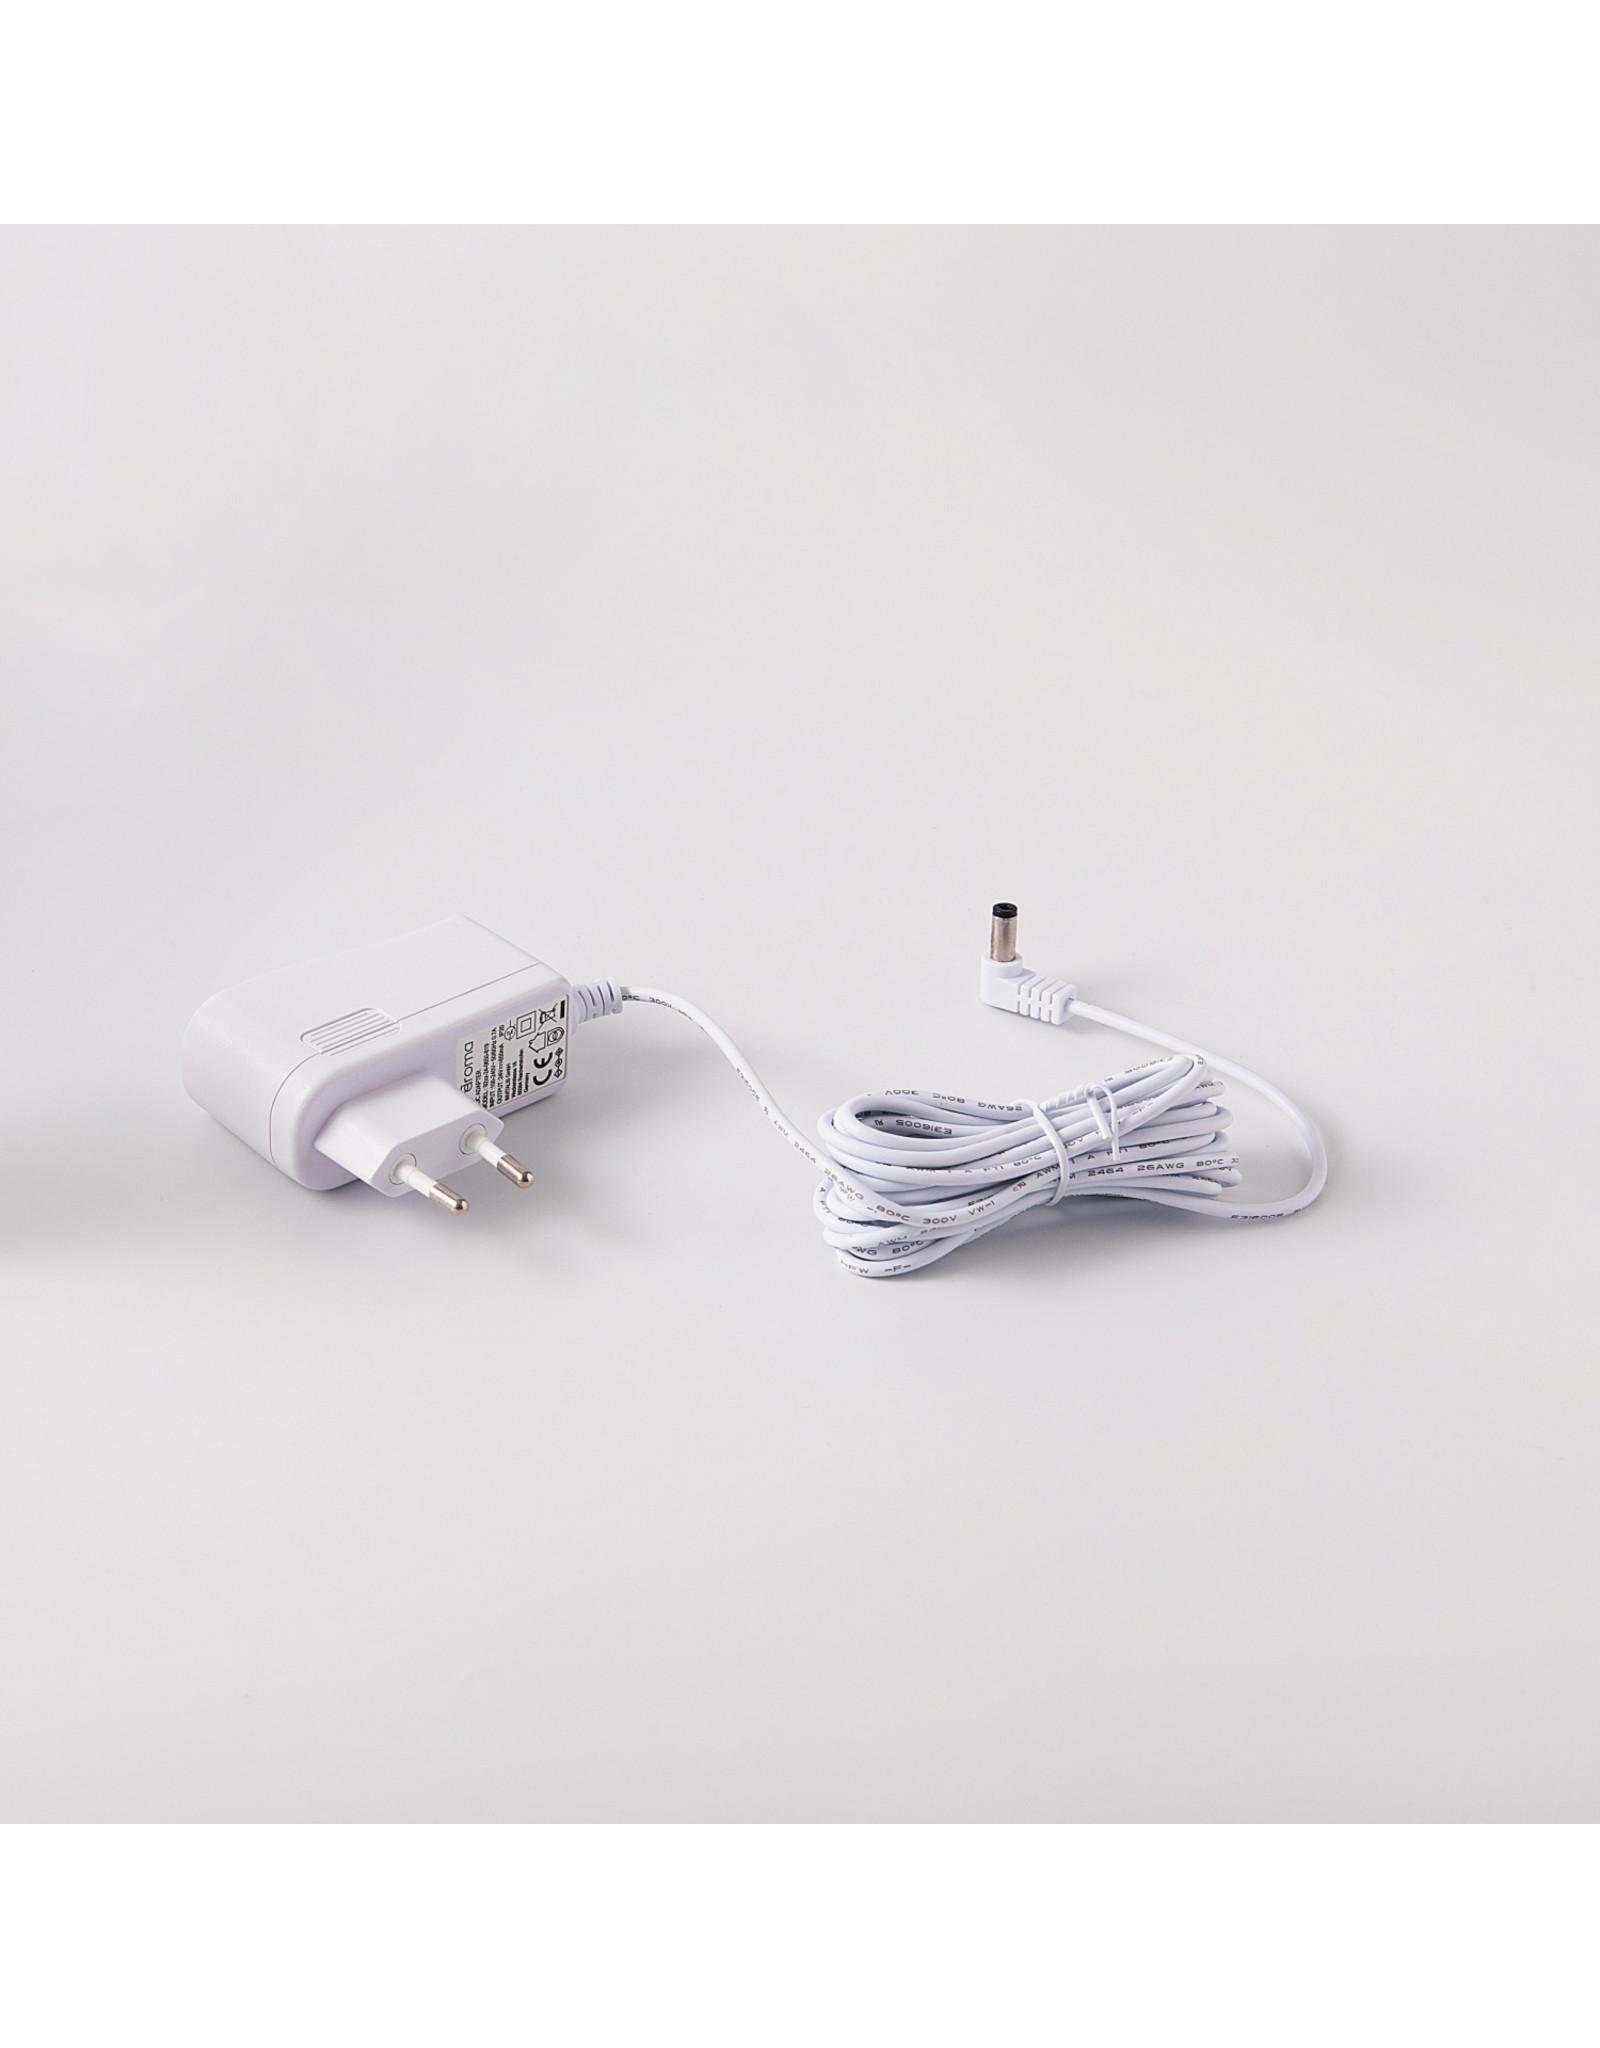 INVITALIS VIVAAROMA 300ml - Mod 1, White